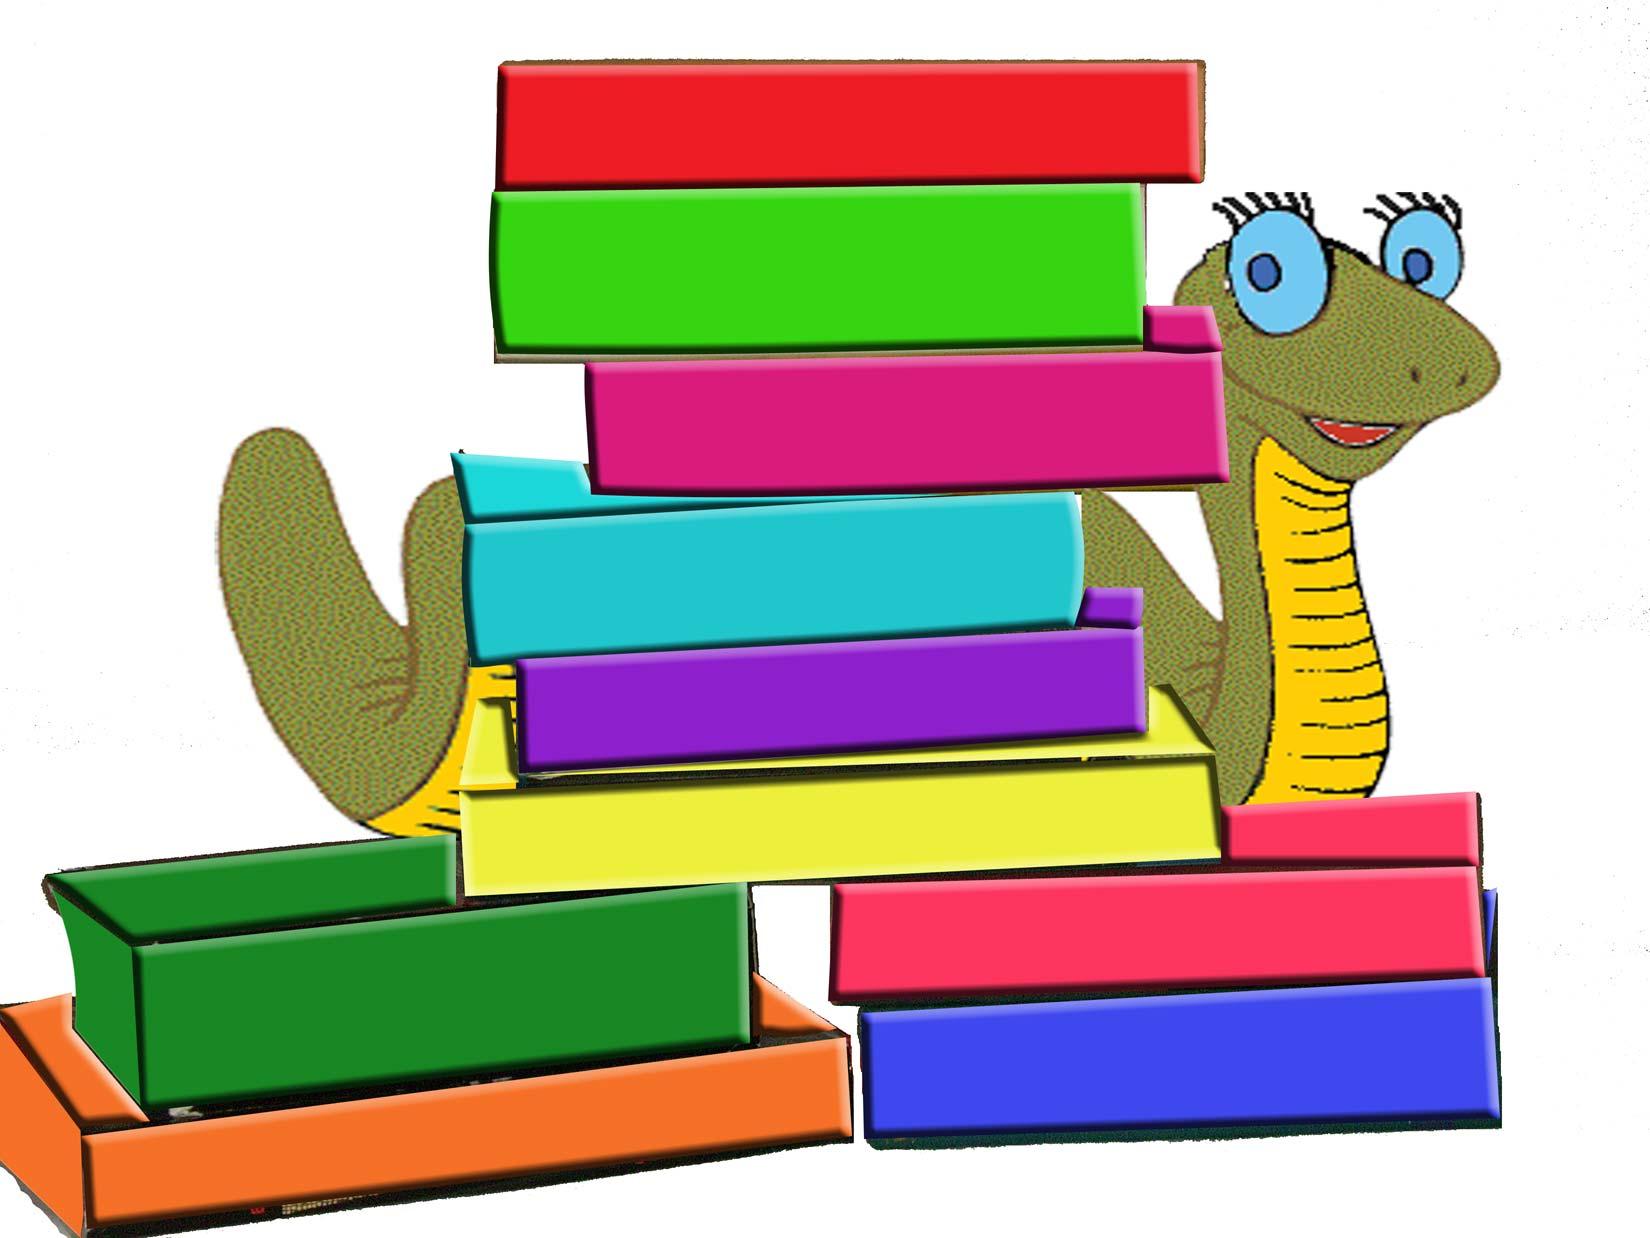 1650x1238 Children S Books Clipart Books 20clip 20art Books Clip